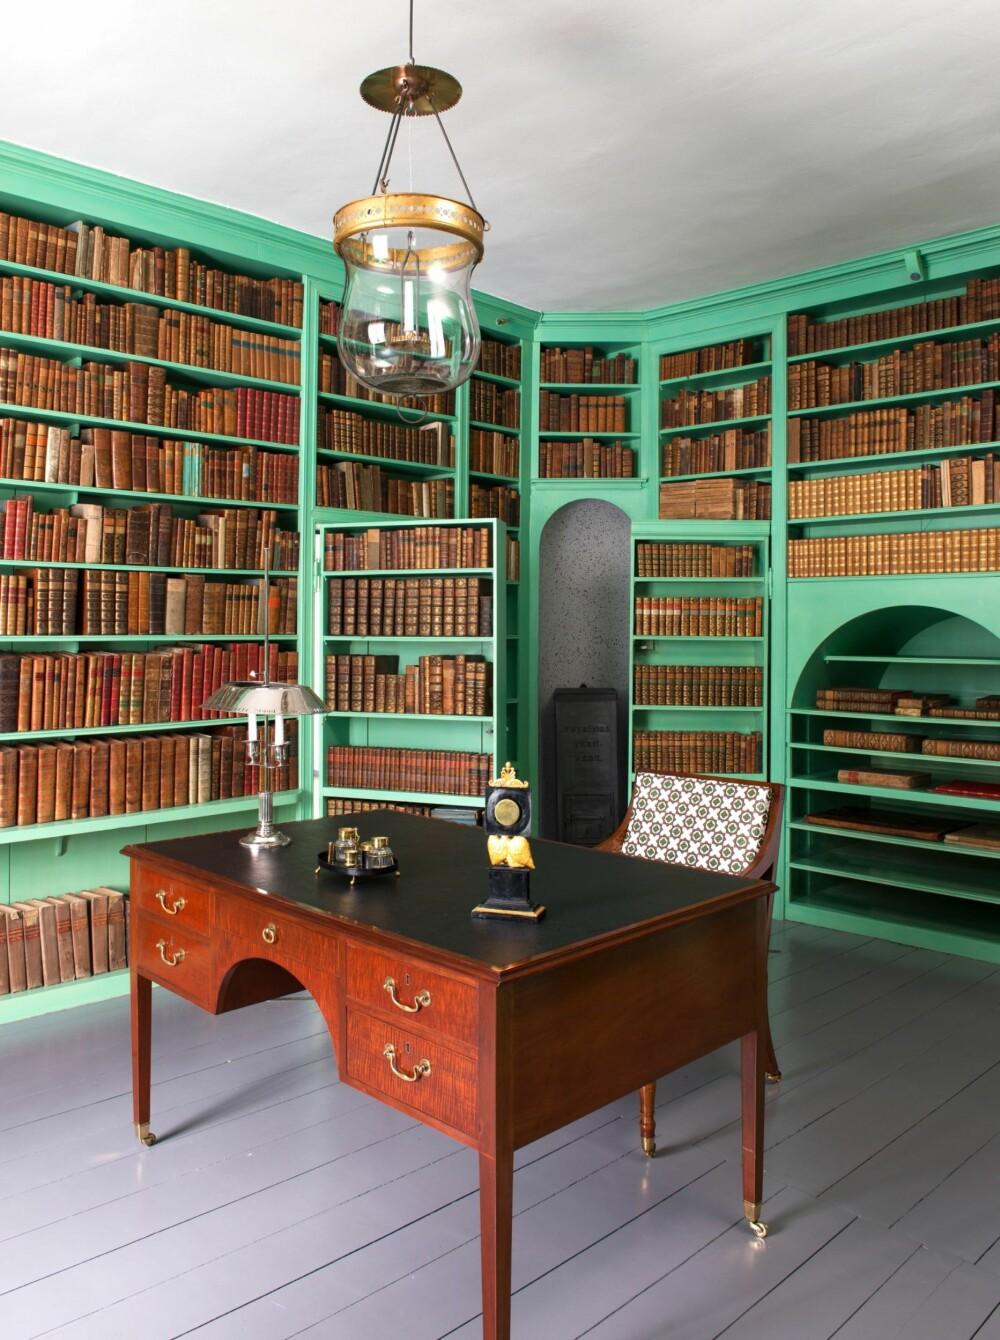 BIBLIOTEKET: I biblioteket med de mange lønndørene hadde Carsten Anker en boksamling på 5000 bind. Den grønne fargen er laget slik som i 1814, med kobberpigment.